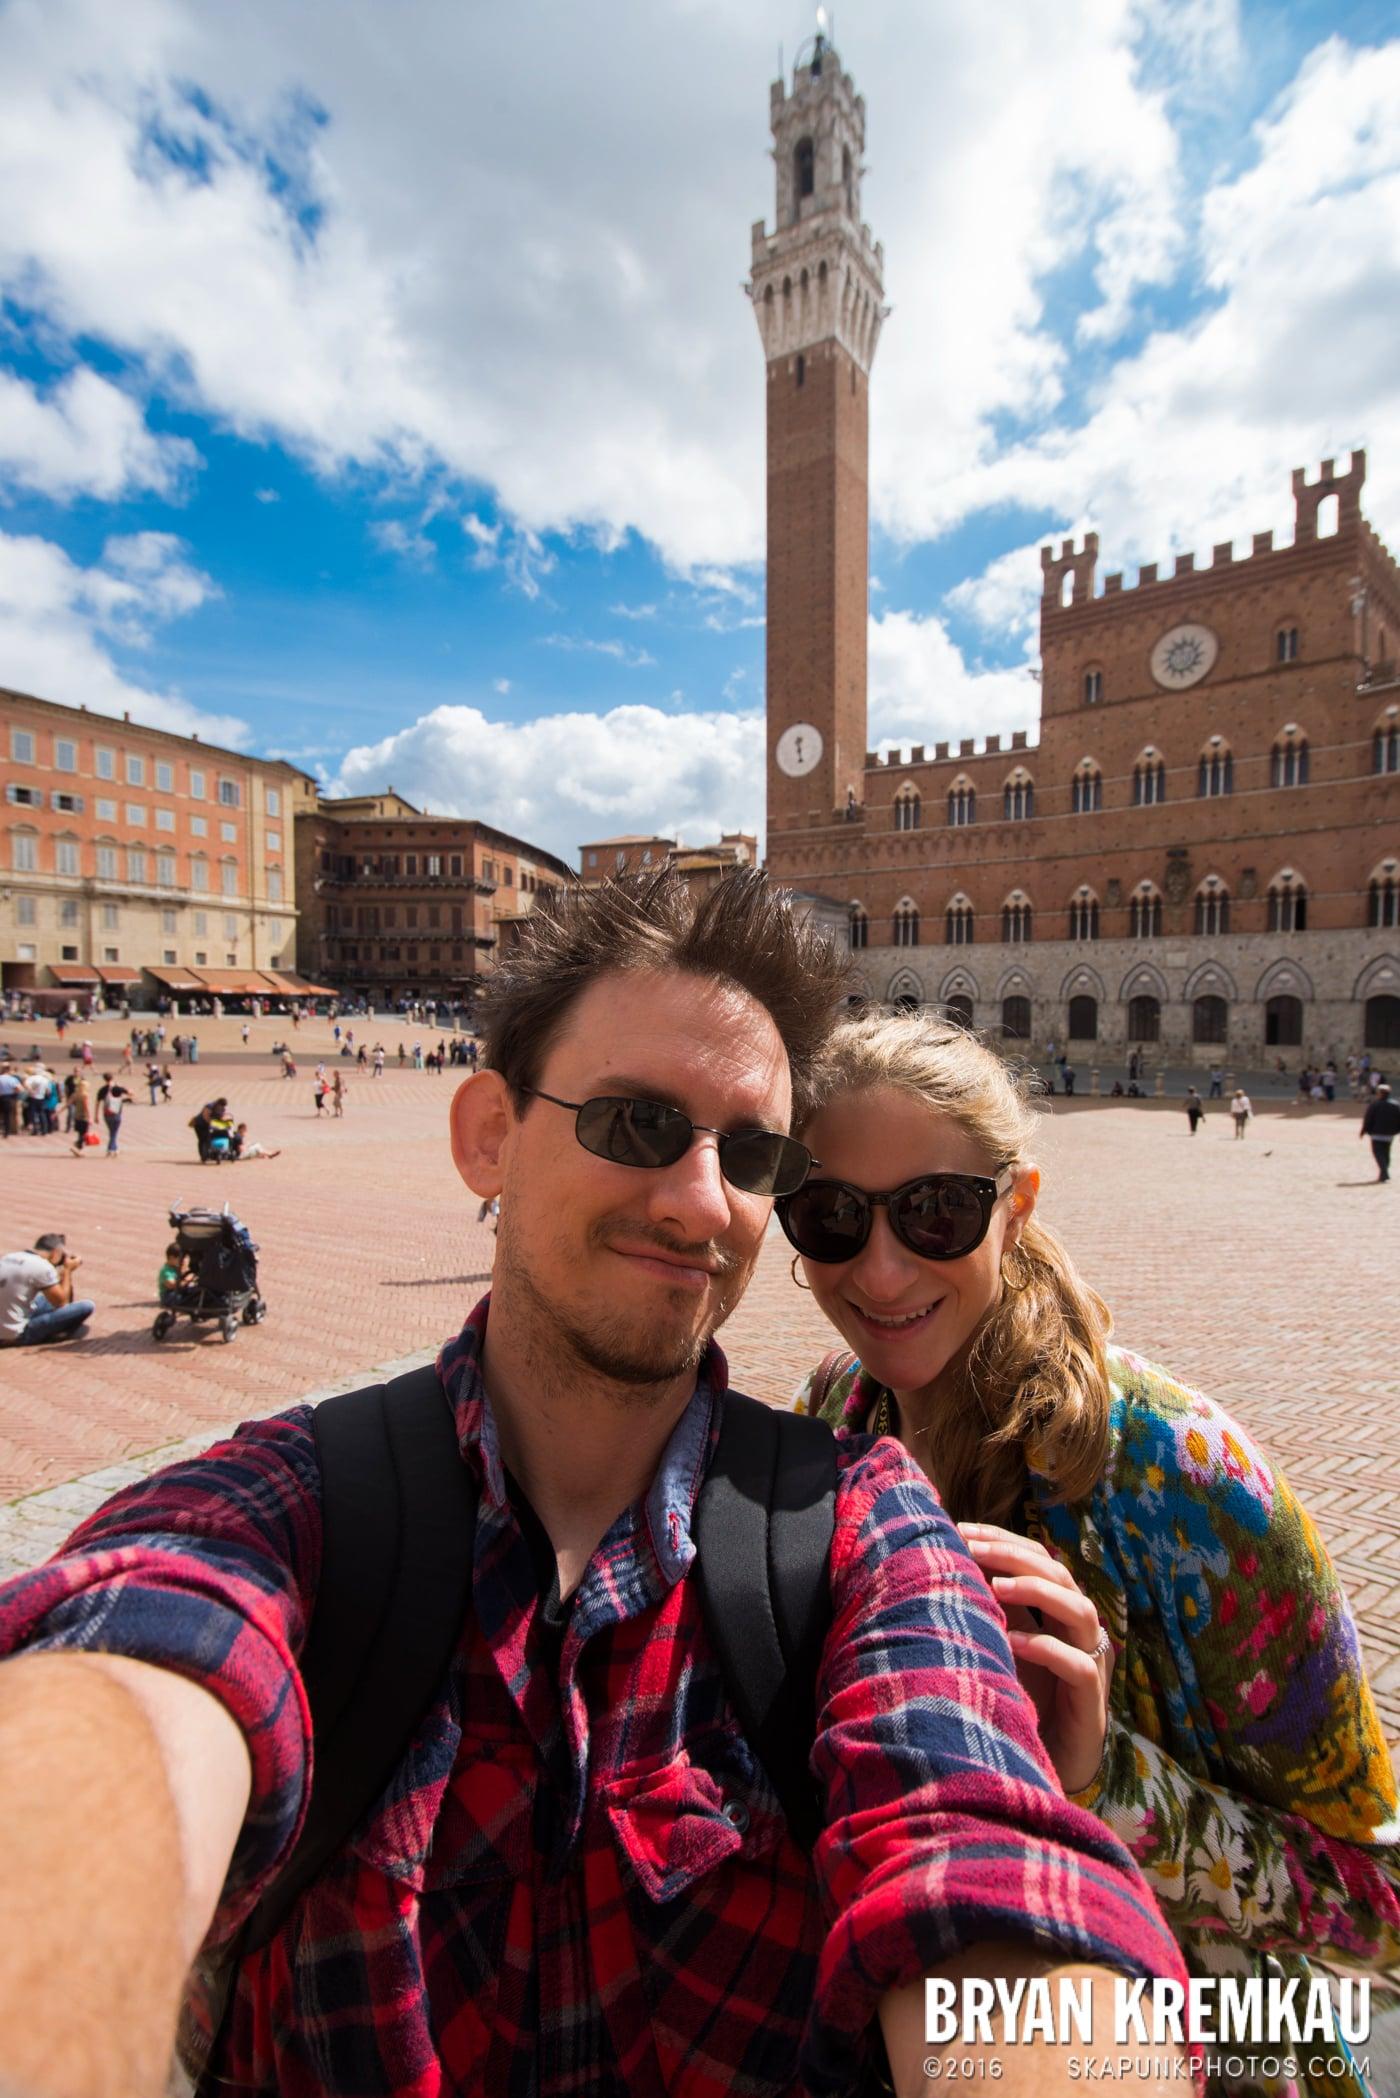 Italy Vacation - Day 8: Siena, San Gimignano, Chianti, Pisa - 9.16.13 (118)